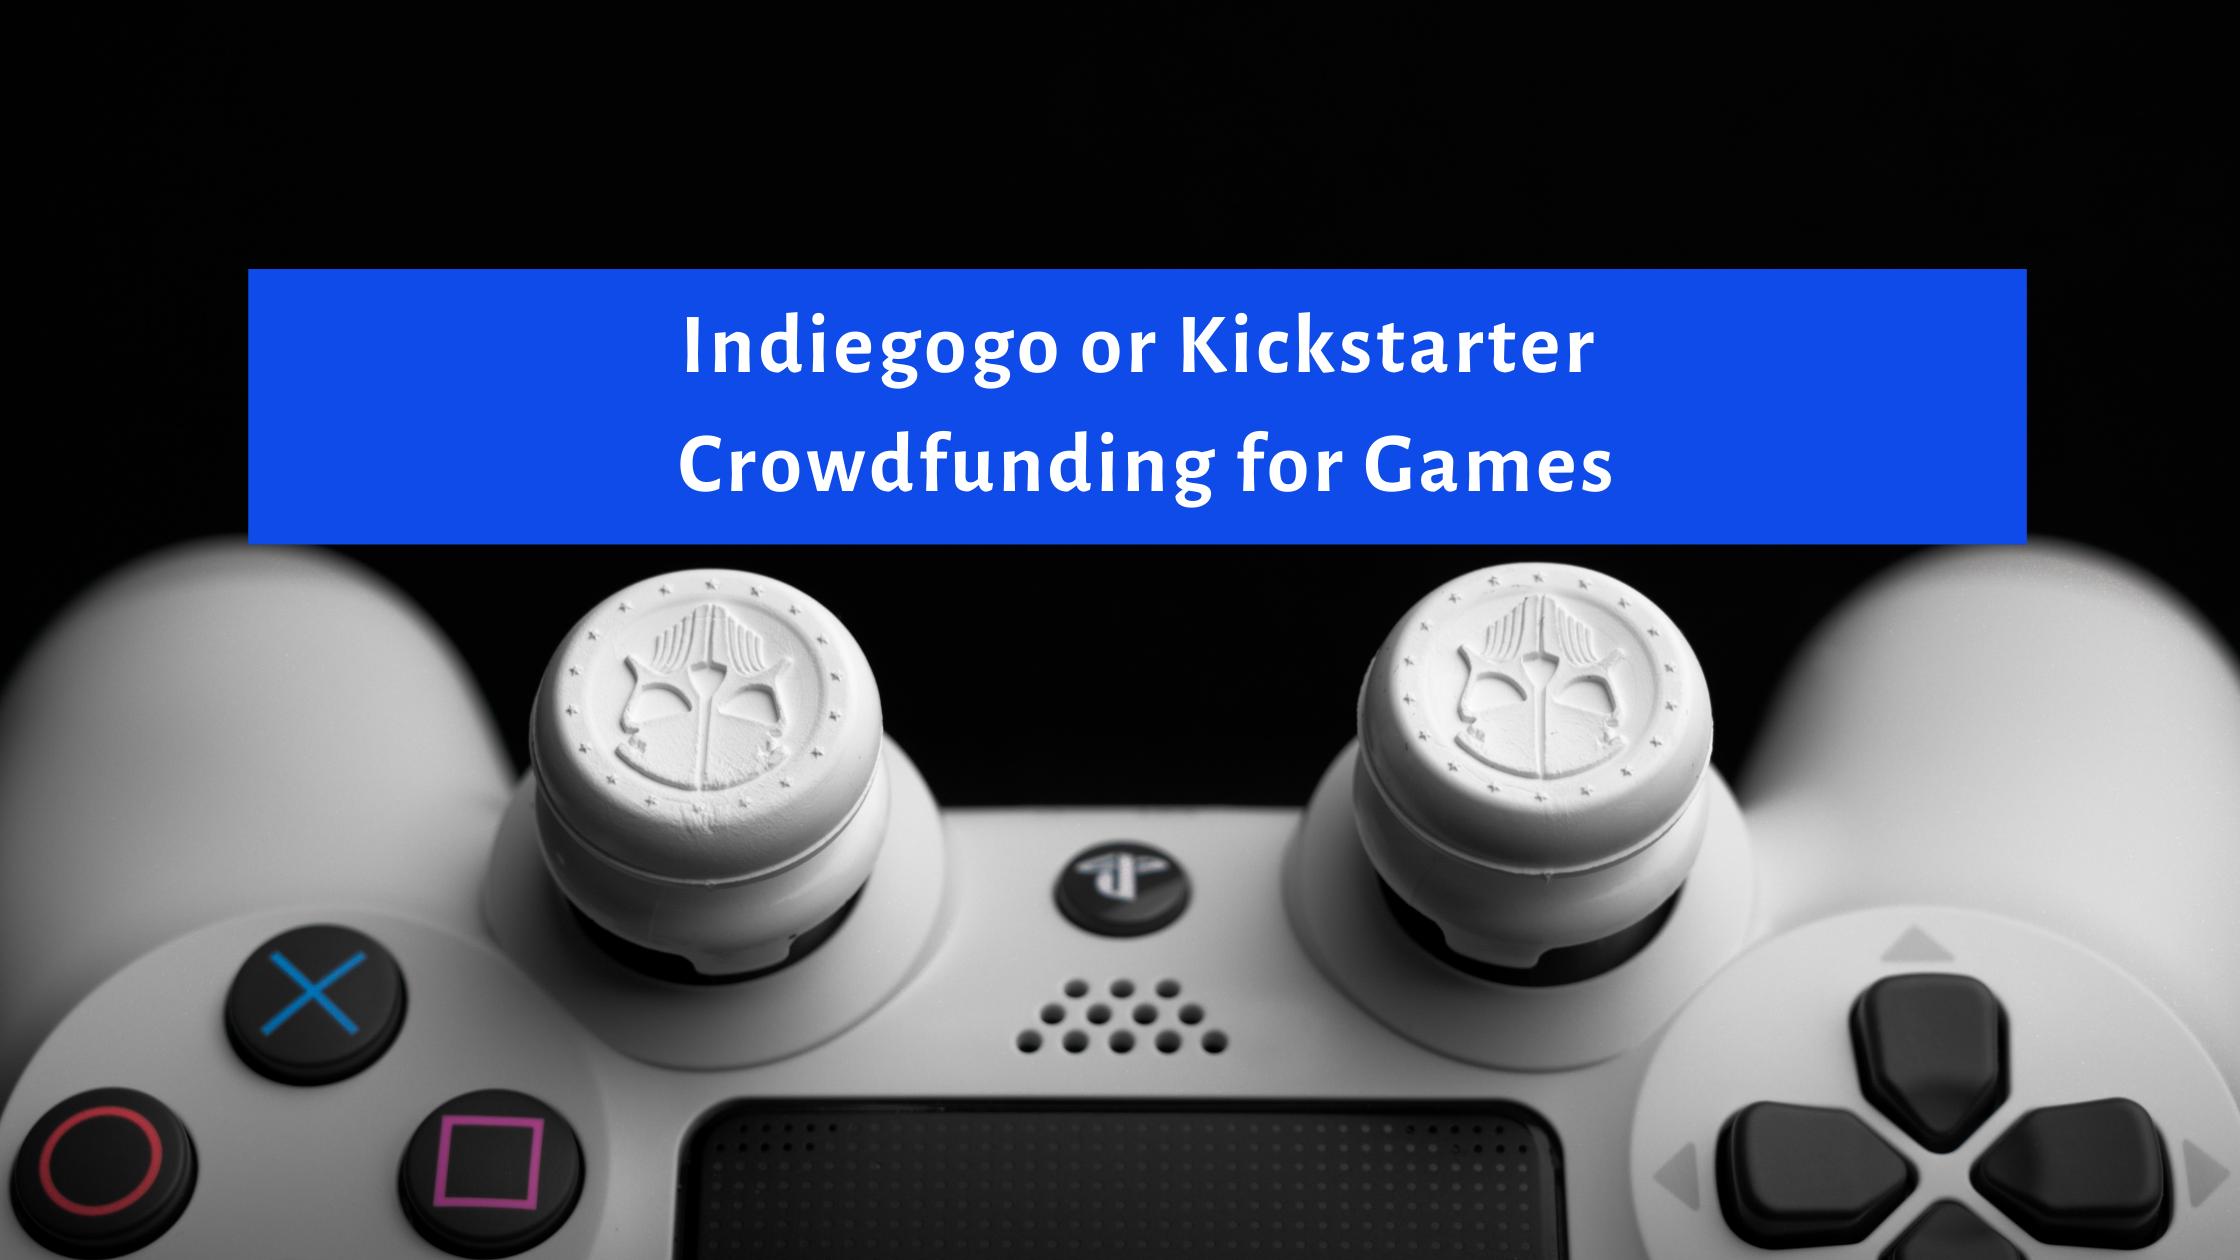 Indiegogo or Kickstarter for Games – Which Platform Should You Choose?